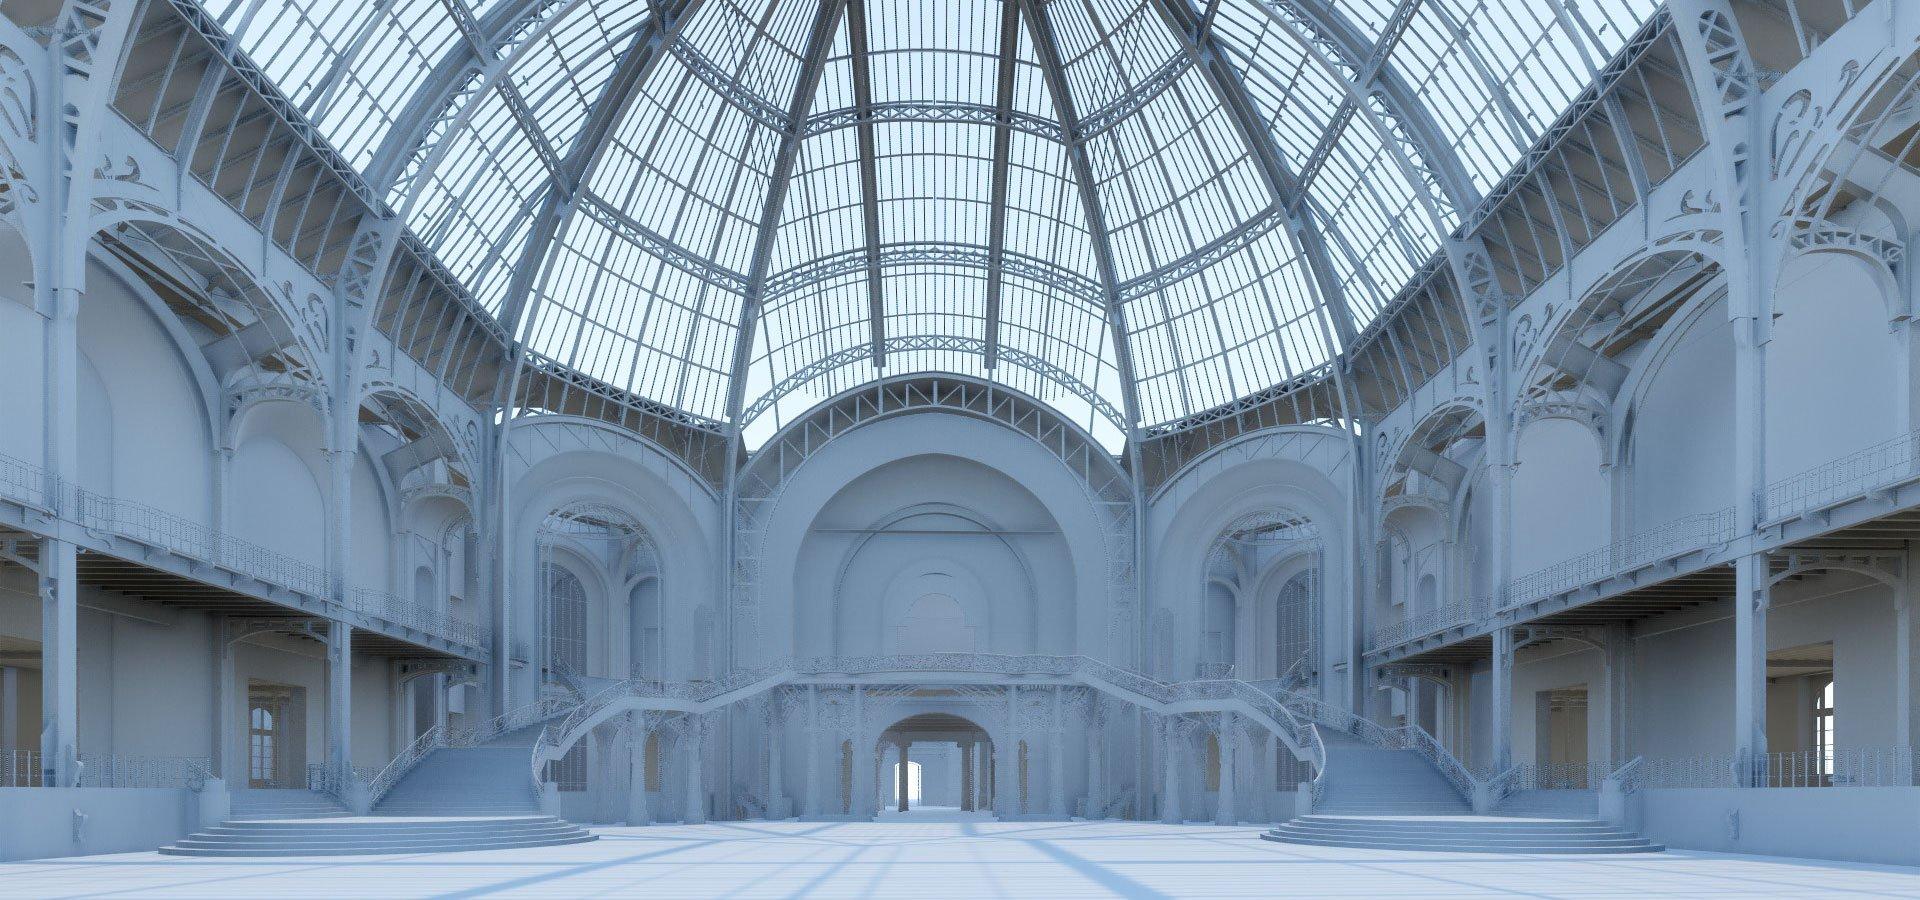 Restauration du grand palais comment entrer dans le for Architecte grand palais